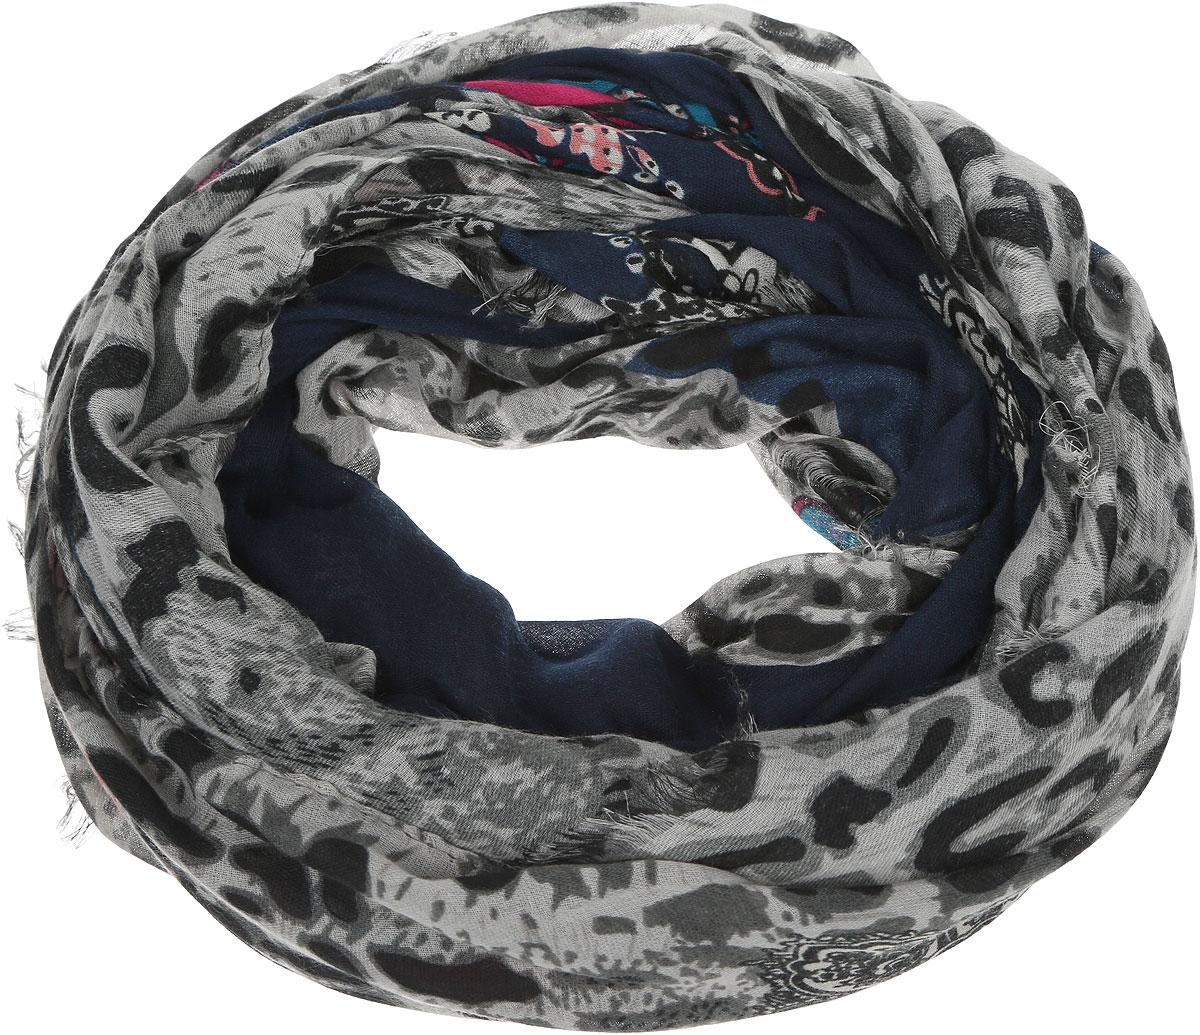 Палантин Venera, цвет: темно-синий, розовый, бирюзовый. 2717401-2. Размер 90 см х 180 см2717401-2Эффектный яркий палантин Venera выполнен из шерсти с добавлением вискозы. Модель оформлена узорами и анималистическим принтом. По краям изделие декорировано бахромой.